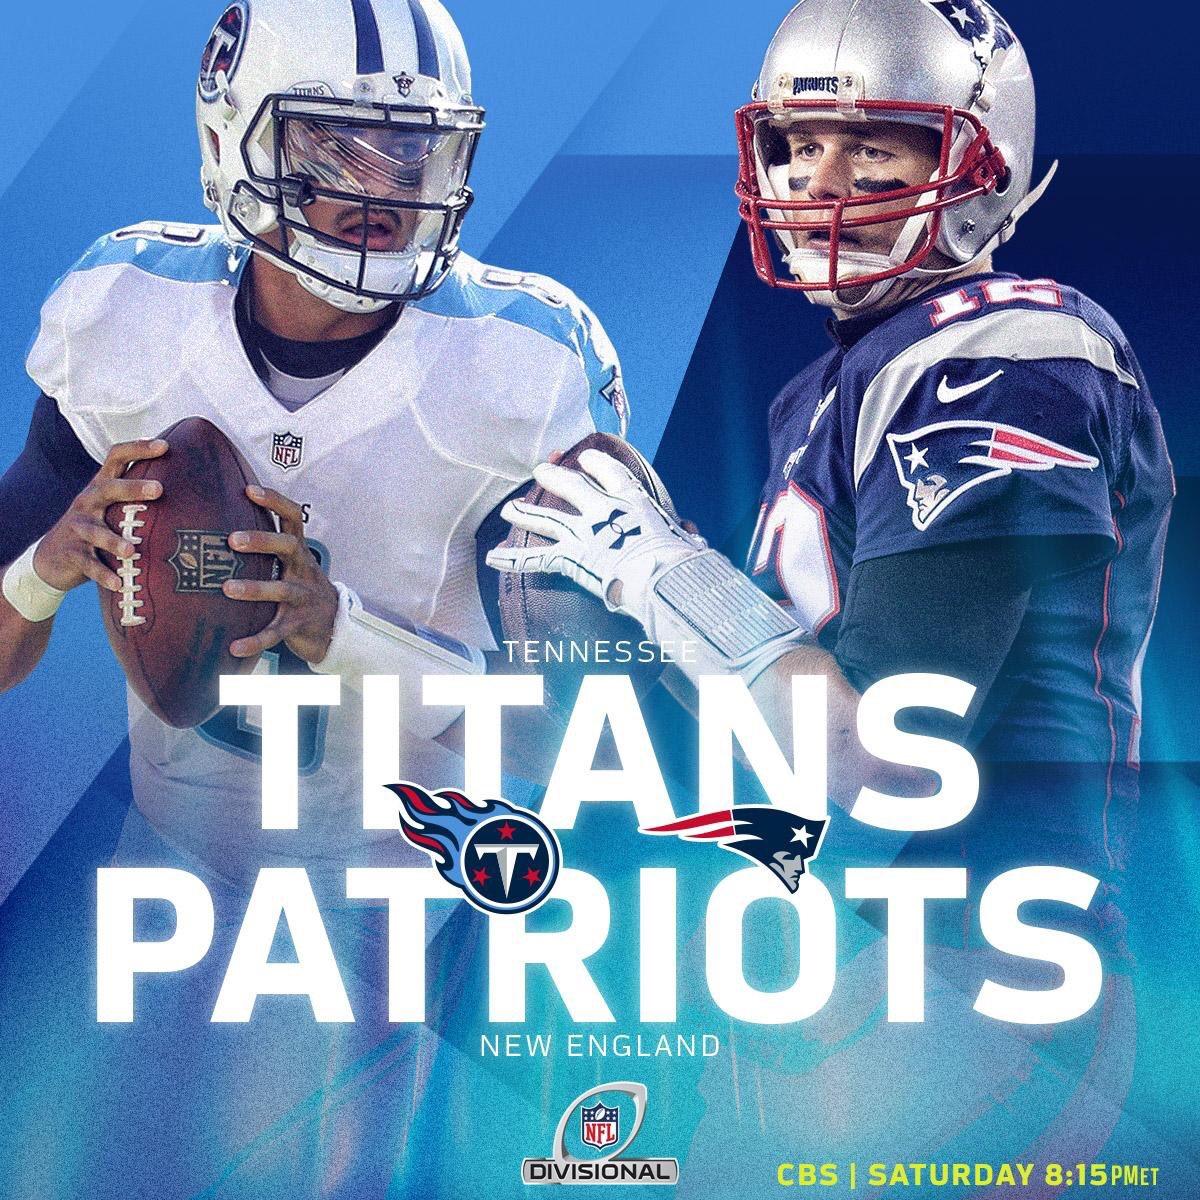 Primer Cuarto en el Gillete Stadium  #Titans 0 #Patriots 0  #TENvsNE #NFLPlayoffs 🏈🏆 https://t.co/XMPNgrk5A7